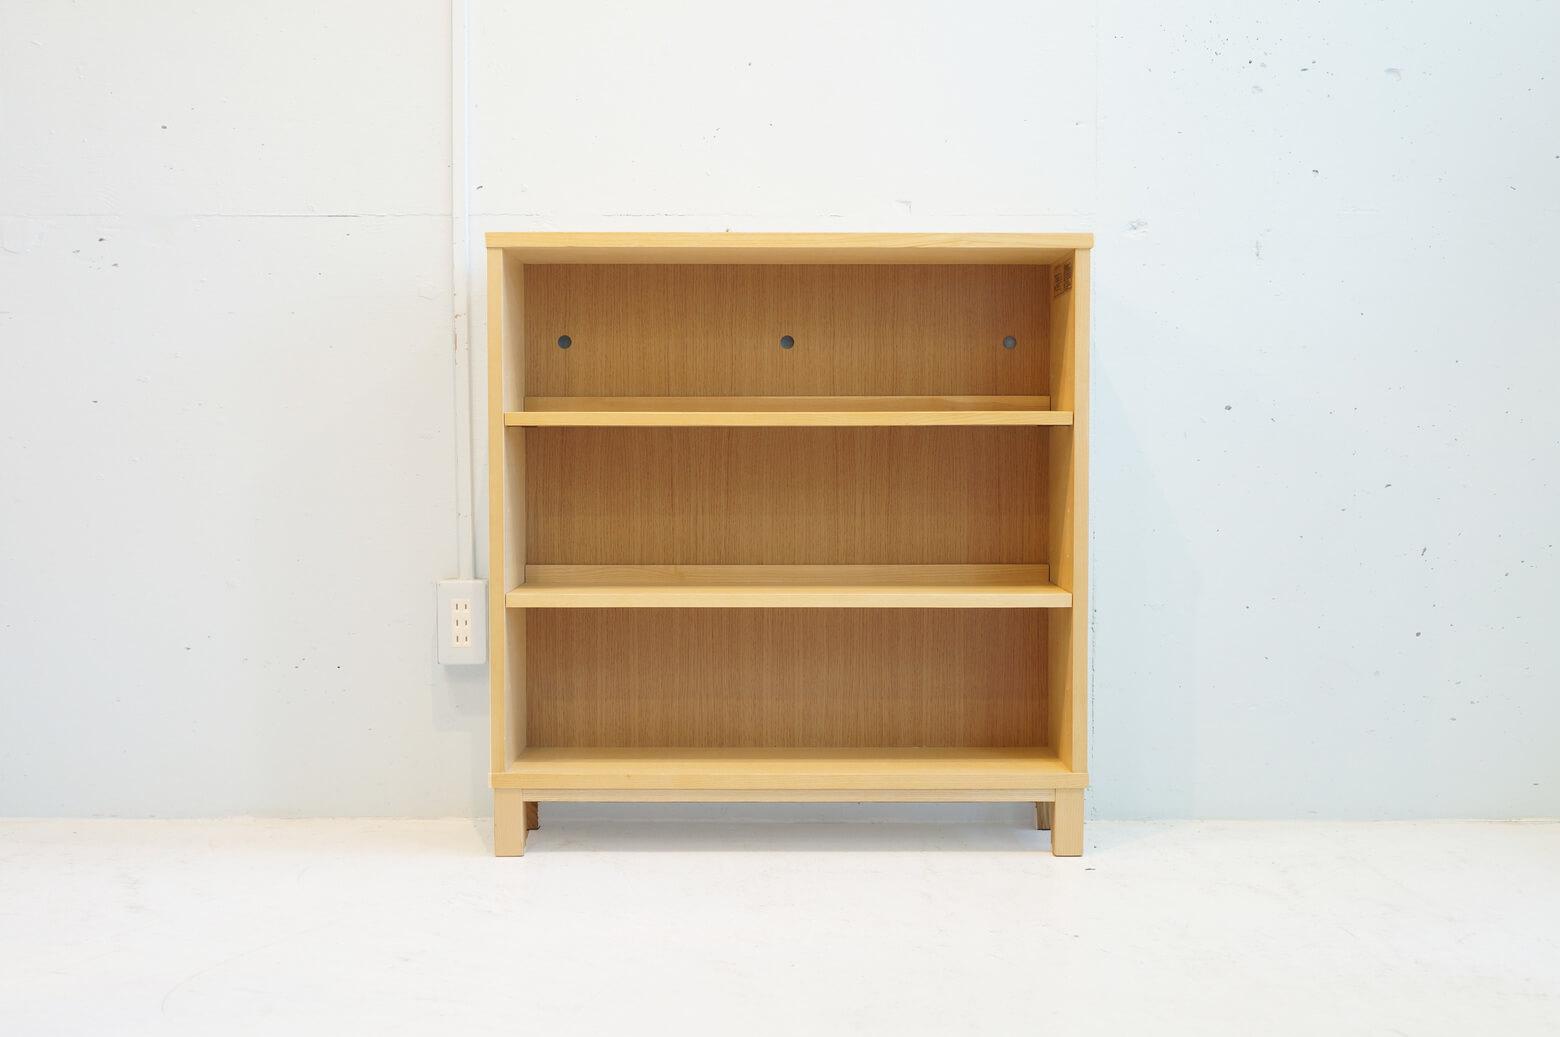 ナチュラルでシンプル、そして置く場所を選ばないデザインが人気の無印良品の家具。 こちらはタモ材を使った薄型のラックです。 狭い空間でも部屋の隅まで収納できるようにデザインされています。 棚板を斜めにして、お気に入りのCDや小物などをディスプレイするのも◎ 薄型でコンパクトなのでお部屋に圧迫感なく収納スペースを作ることができます。 天板に日焼けしている箇所がございます。右側面上部のダボ穴が一箇所潰れています その他、使用に伴う細かなキズやスレがございます。 薄型のため、転倒防止器具などで壁に固定してお使いください。 狭いお部屋でも無駄なくすっきりと整理整頓させたい!という方にオススメのラックです。 無印良品の家具はとことんシンプルで使いやすく、お部屋の雰囲気を選ばずにどんなスタイルにも合わせやすいのがいいですよね。 ~【東京都杉並区阿佐ヶ谷北アンティークショップ 古一】 古一/ふるいちでは出張無料買取も行っております。杉並区周辺はもちろん、世田谷区・目黒区・武蔵野市・新宿区等の東京近郊のお見積もりも!ビンテージ家具・インテリア雑貨・ランプ・USED品・ リサイクルなら古一/フルイチへ~